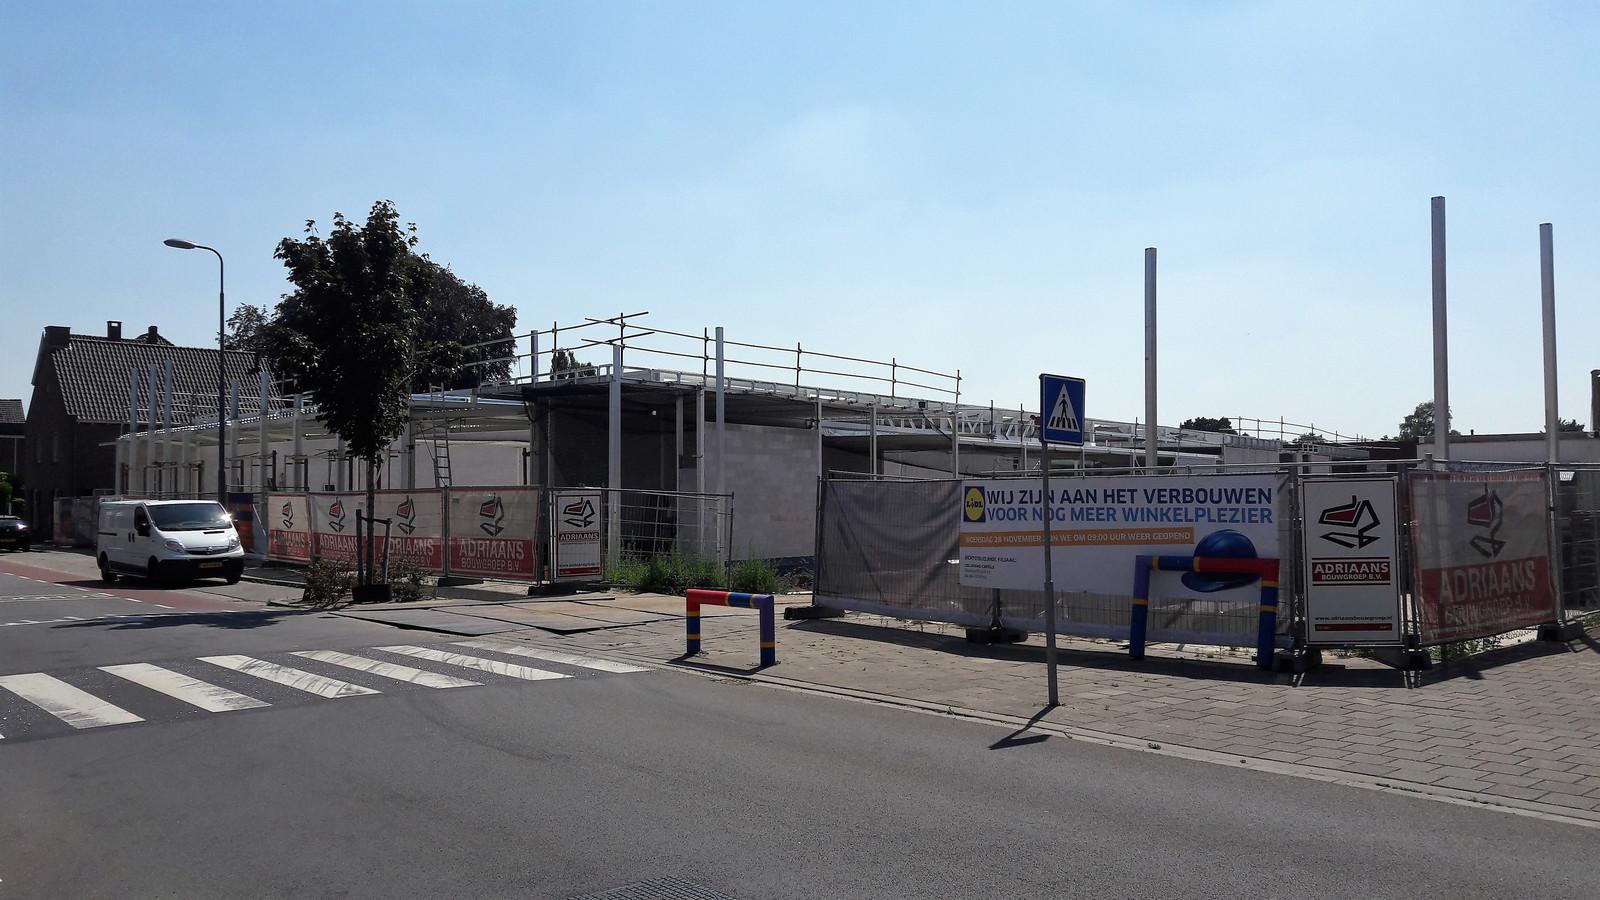 De huidige voetgangersoversteekplaats wordt verlegd voor de nieuwe Lidl-supermarkt.